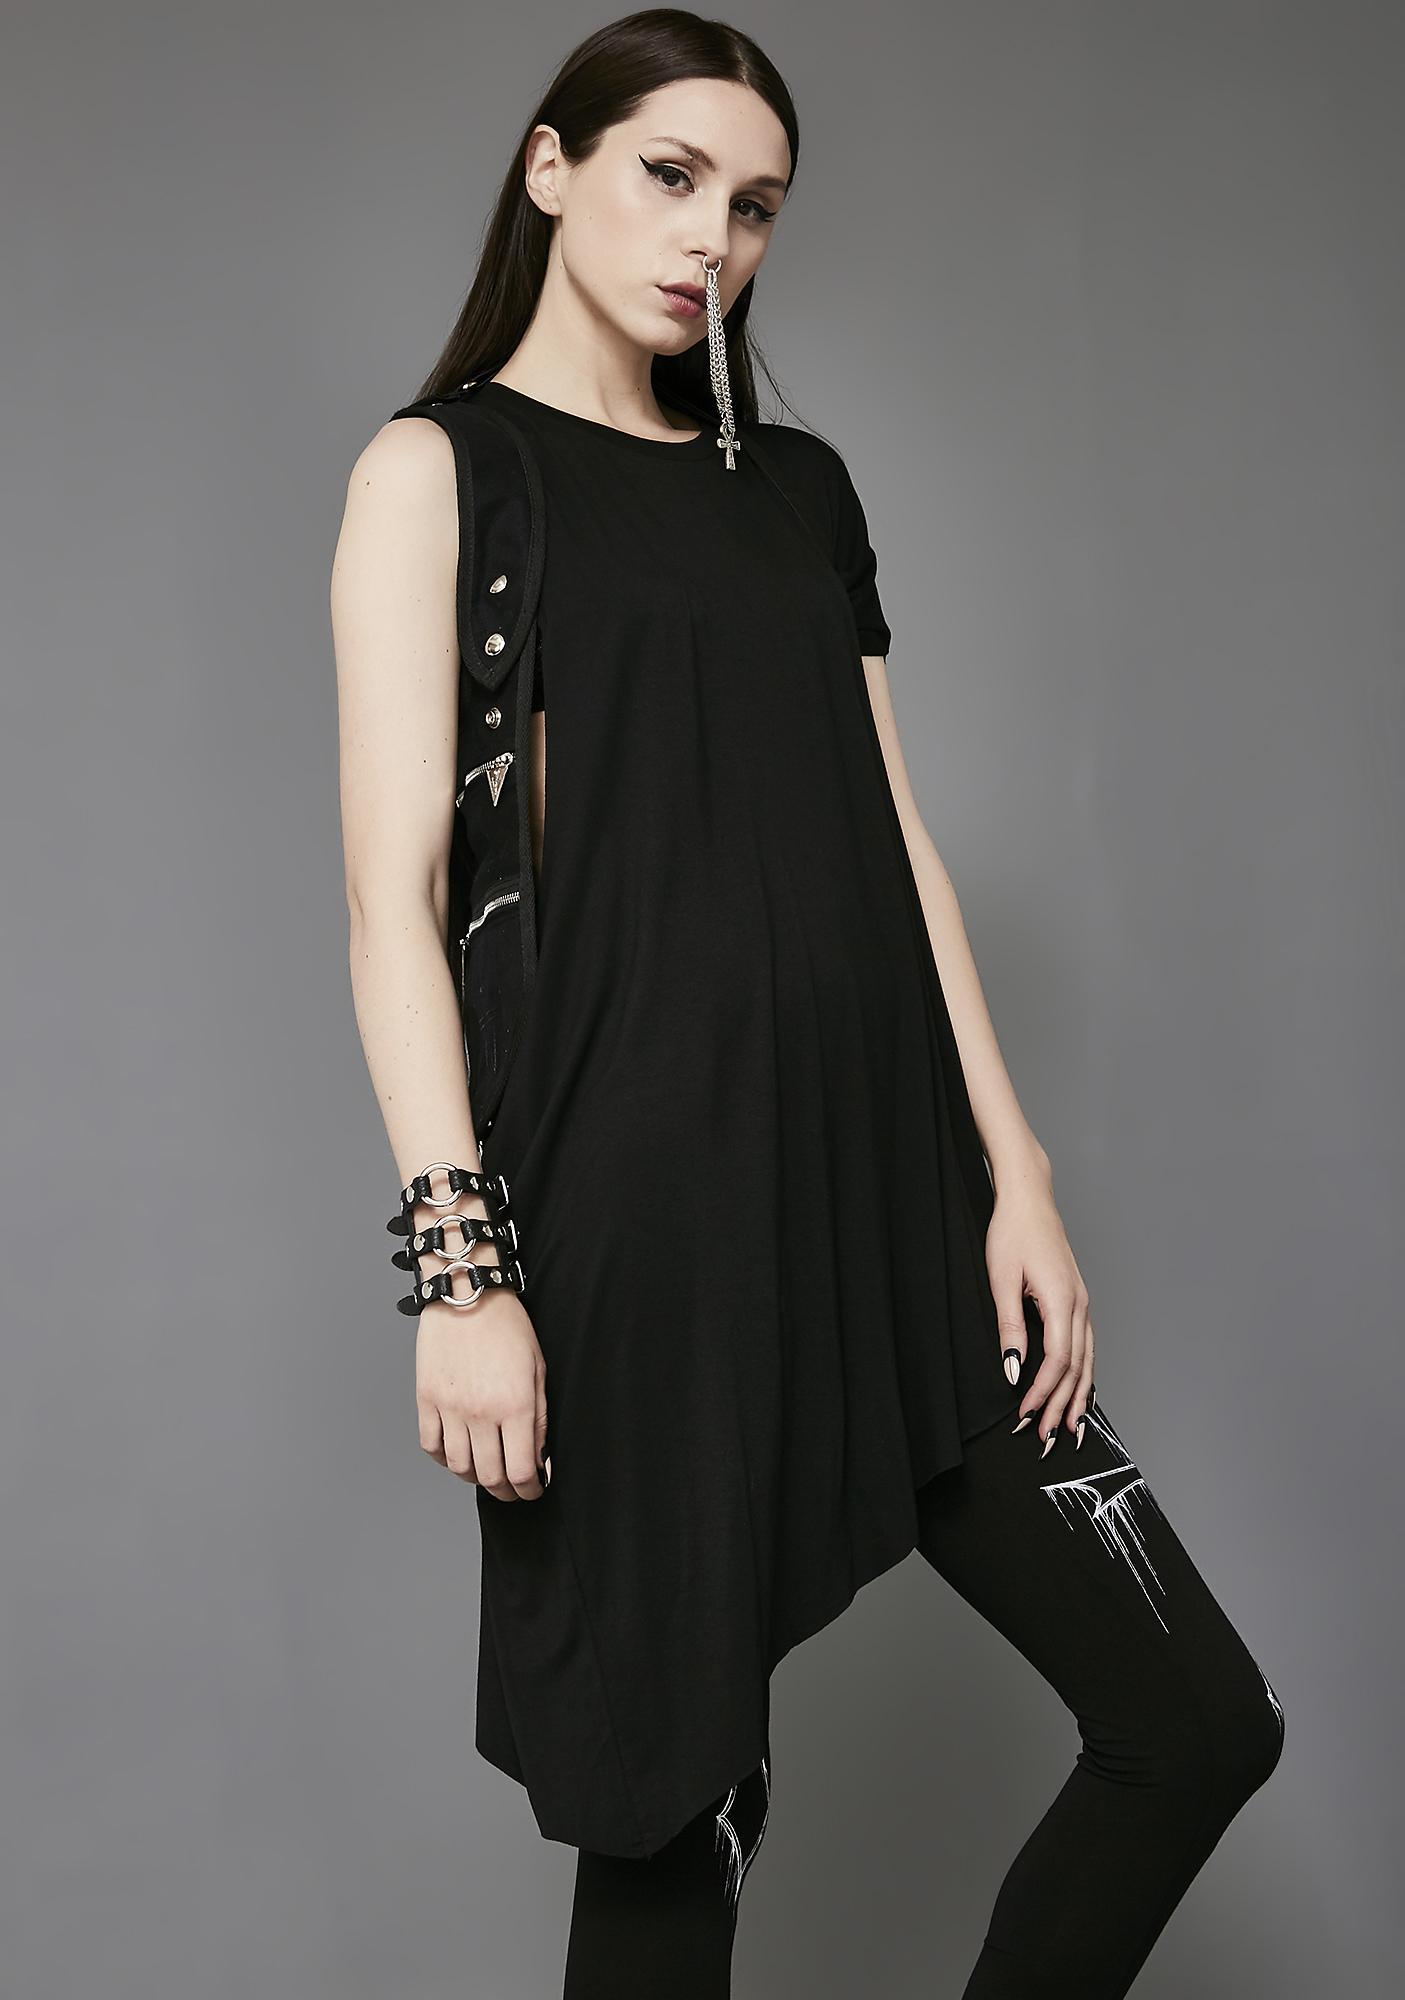 Widow Black #1 Top